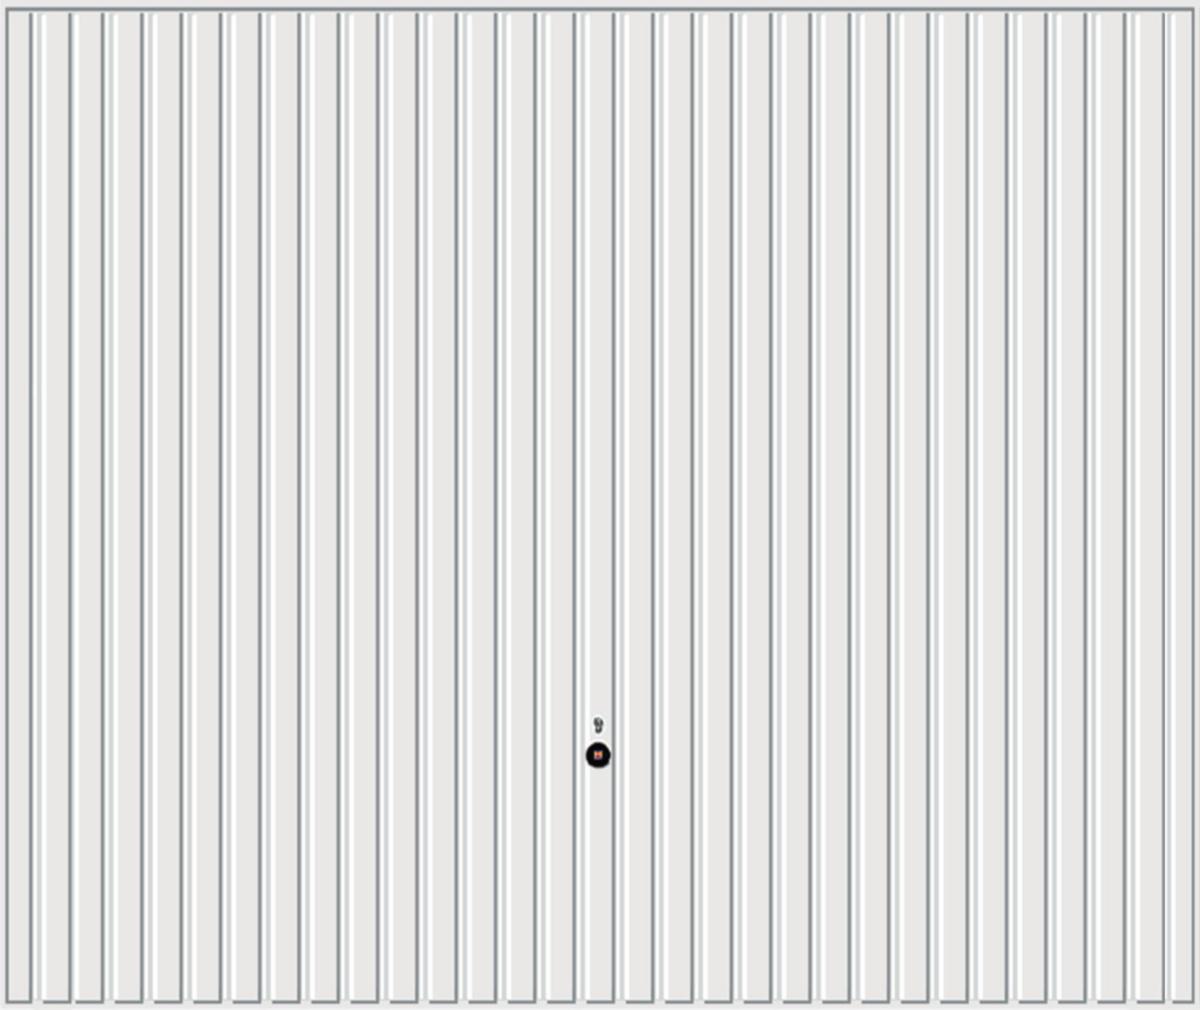 Porte De Garage Hormann Pas Cher porte garage basculante n80 acier simple paroi n°902 blanc - 2000x2375 -  hormann